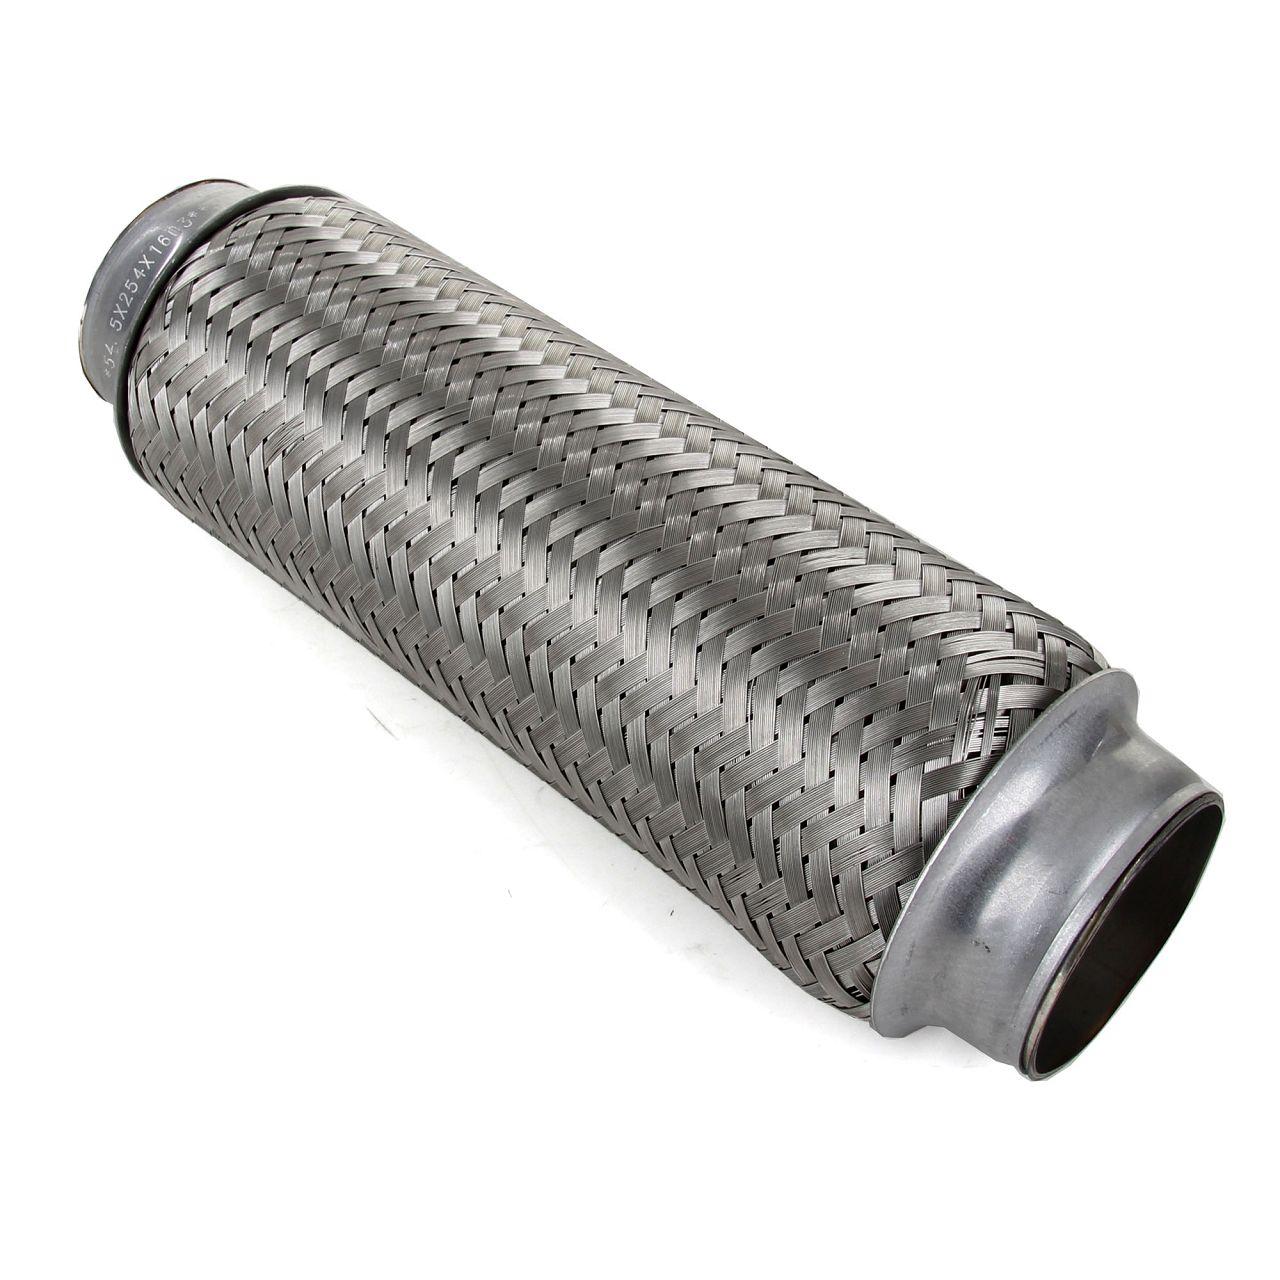 Rohrverbinder Flexrohr Auspuff INNER BRAID Ø 54,5 mm Länge 254 mm